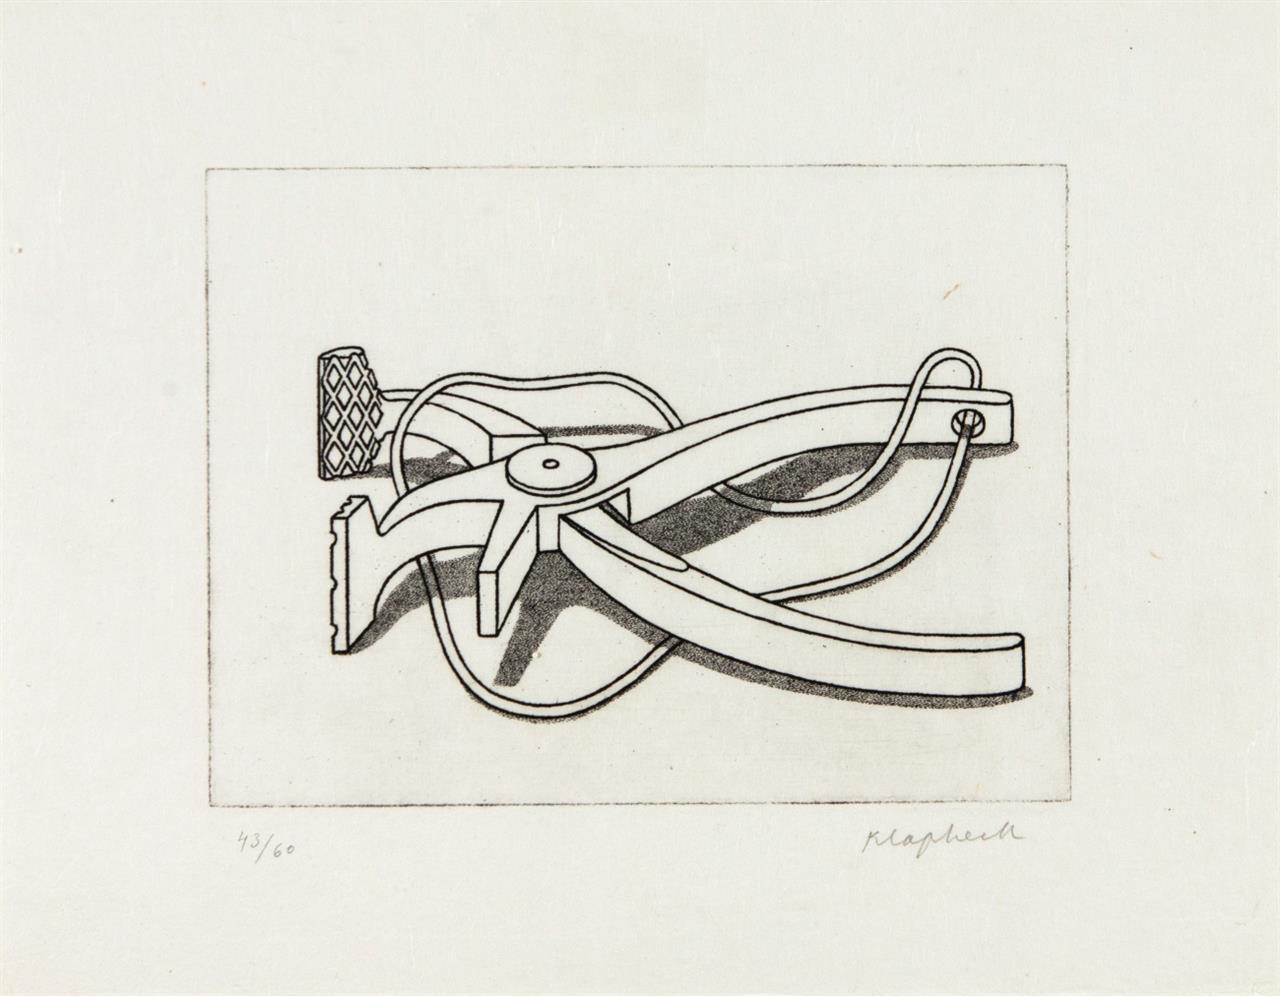 Konrad Klapheck. Auf der Lauer (Spannzange). 1979. Radierung. Signiert. Ex. 43/60. Wessolowski 30 D.